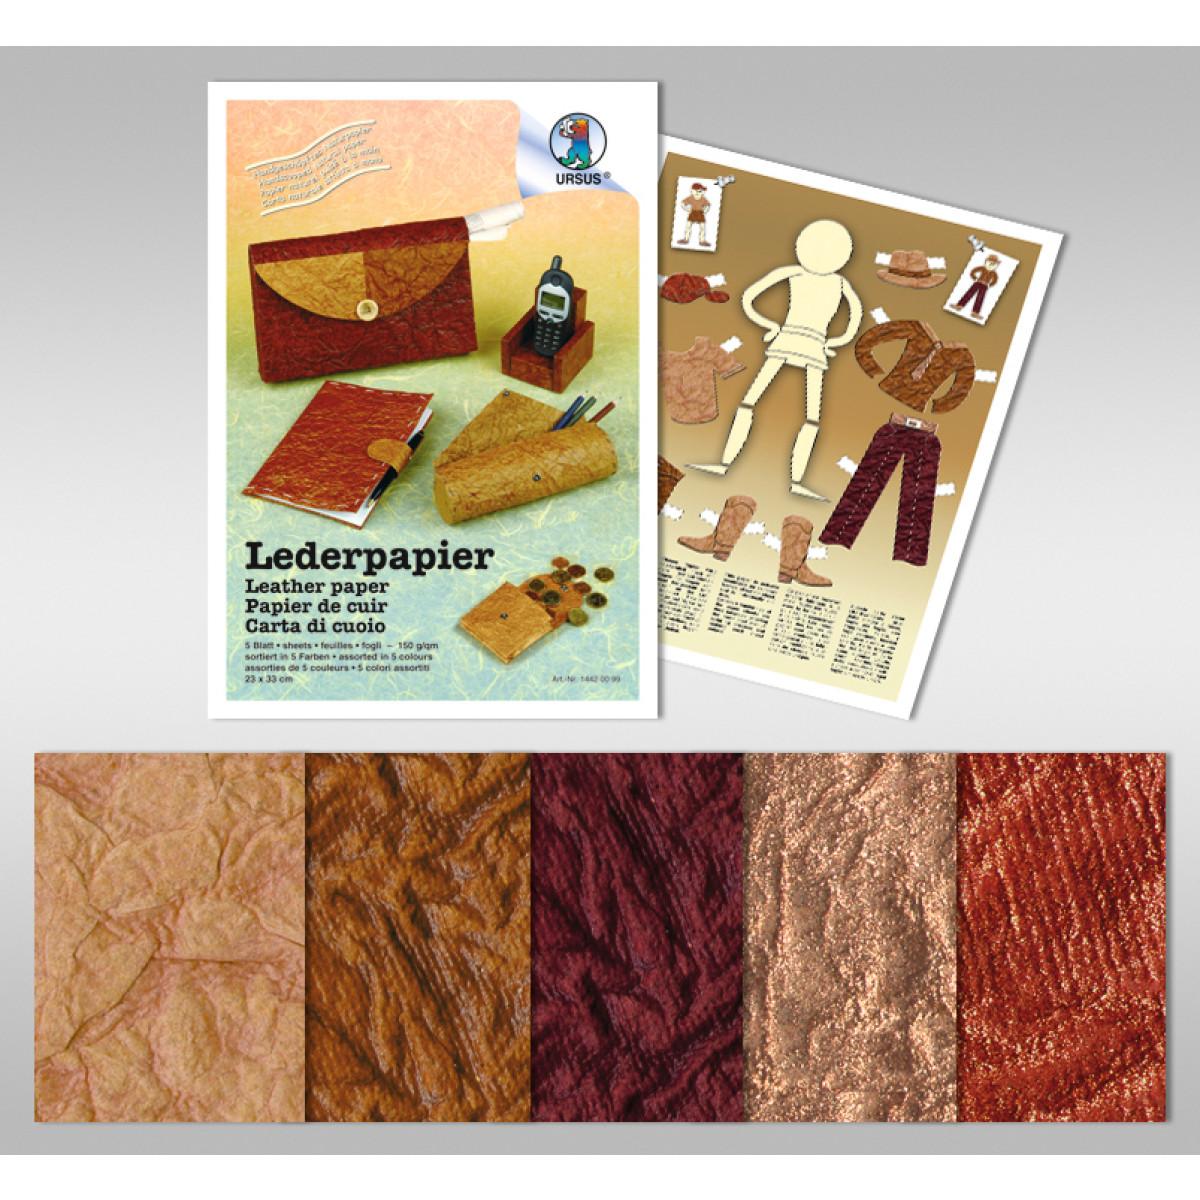 Lederpapier 250 g/qm 23 x 33 cm - 5 Blatt